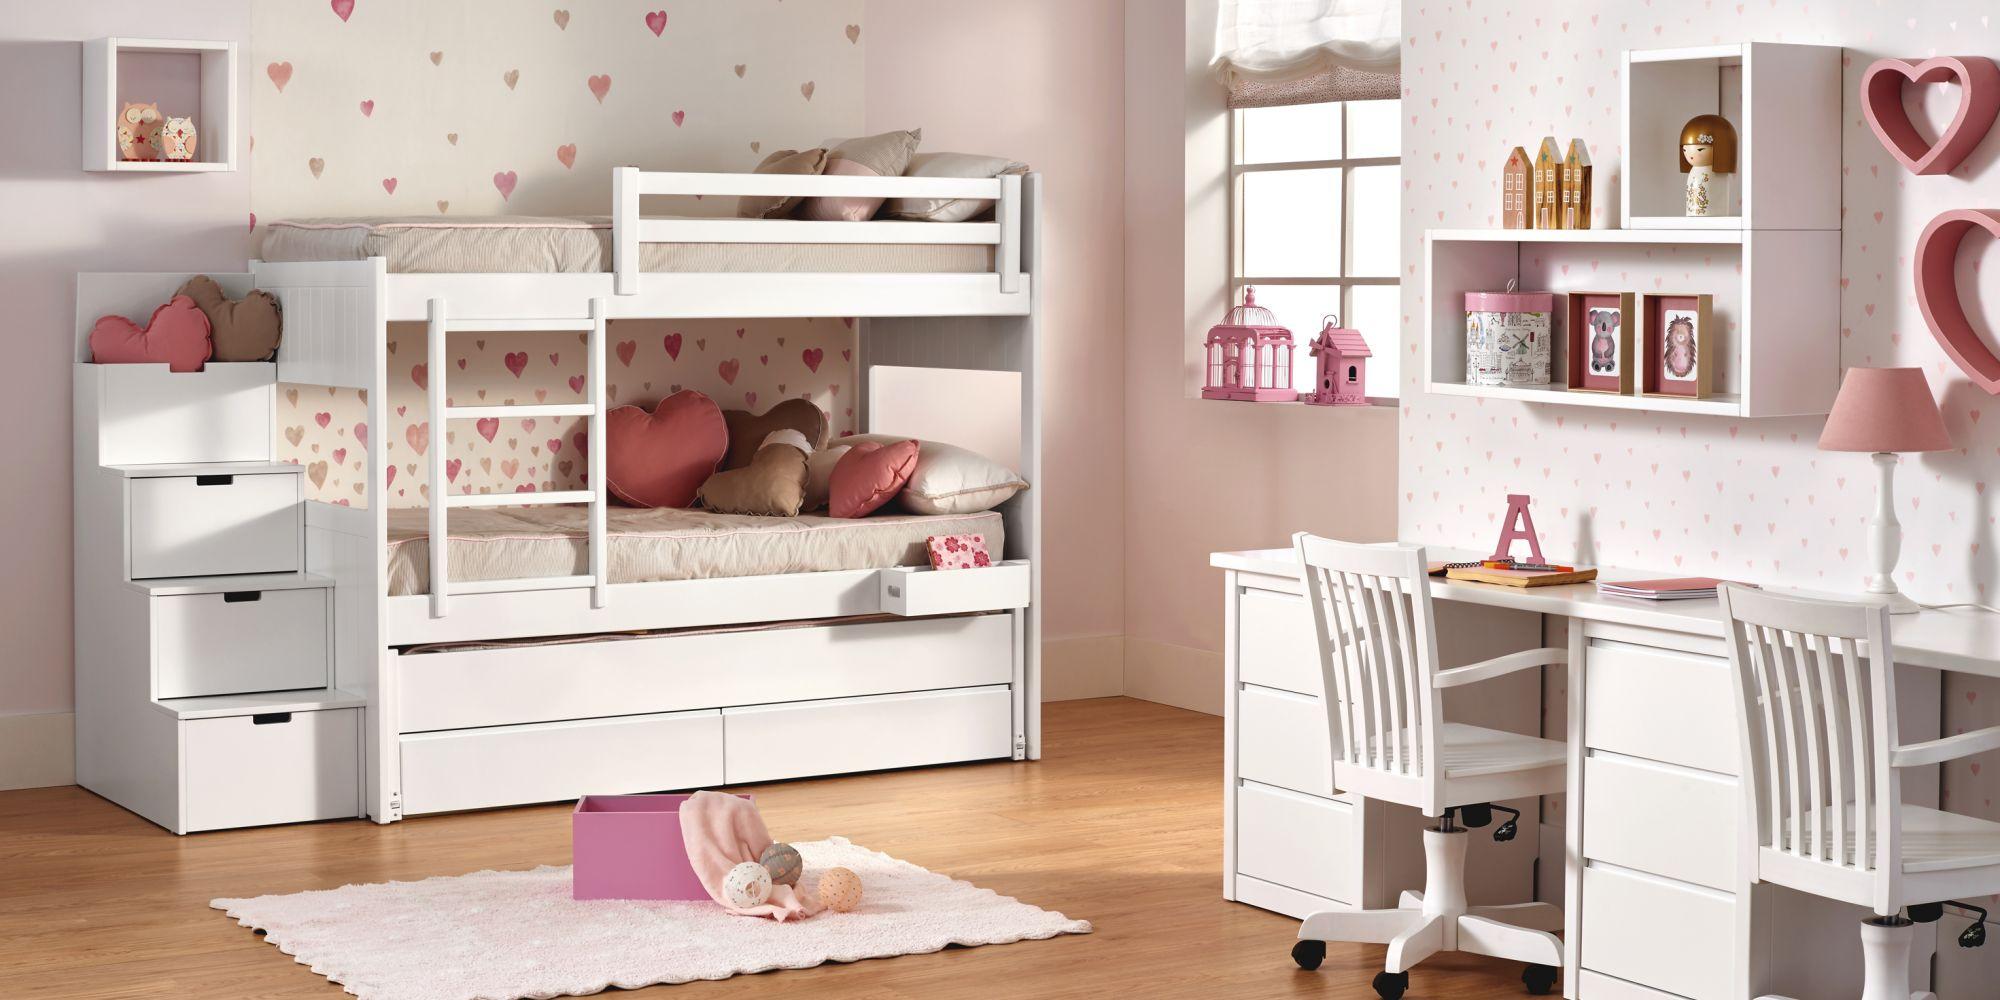 Litera con 3 camas, cajones y zona de estudio, ideal para habitación infantil | Mueble Infantil